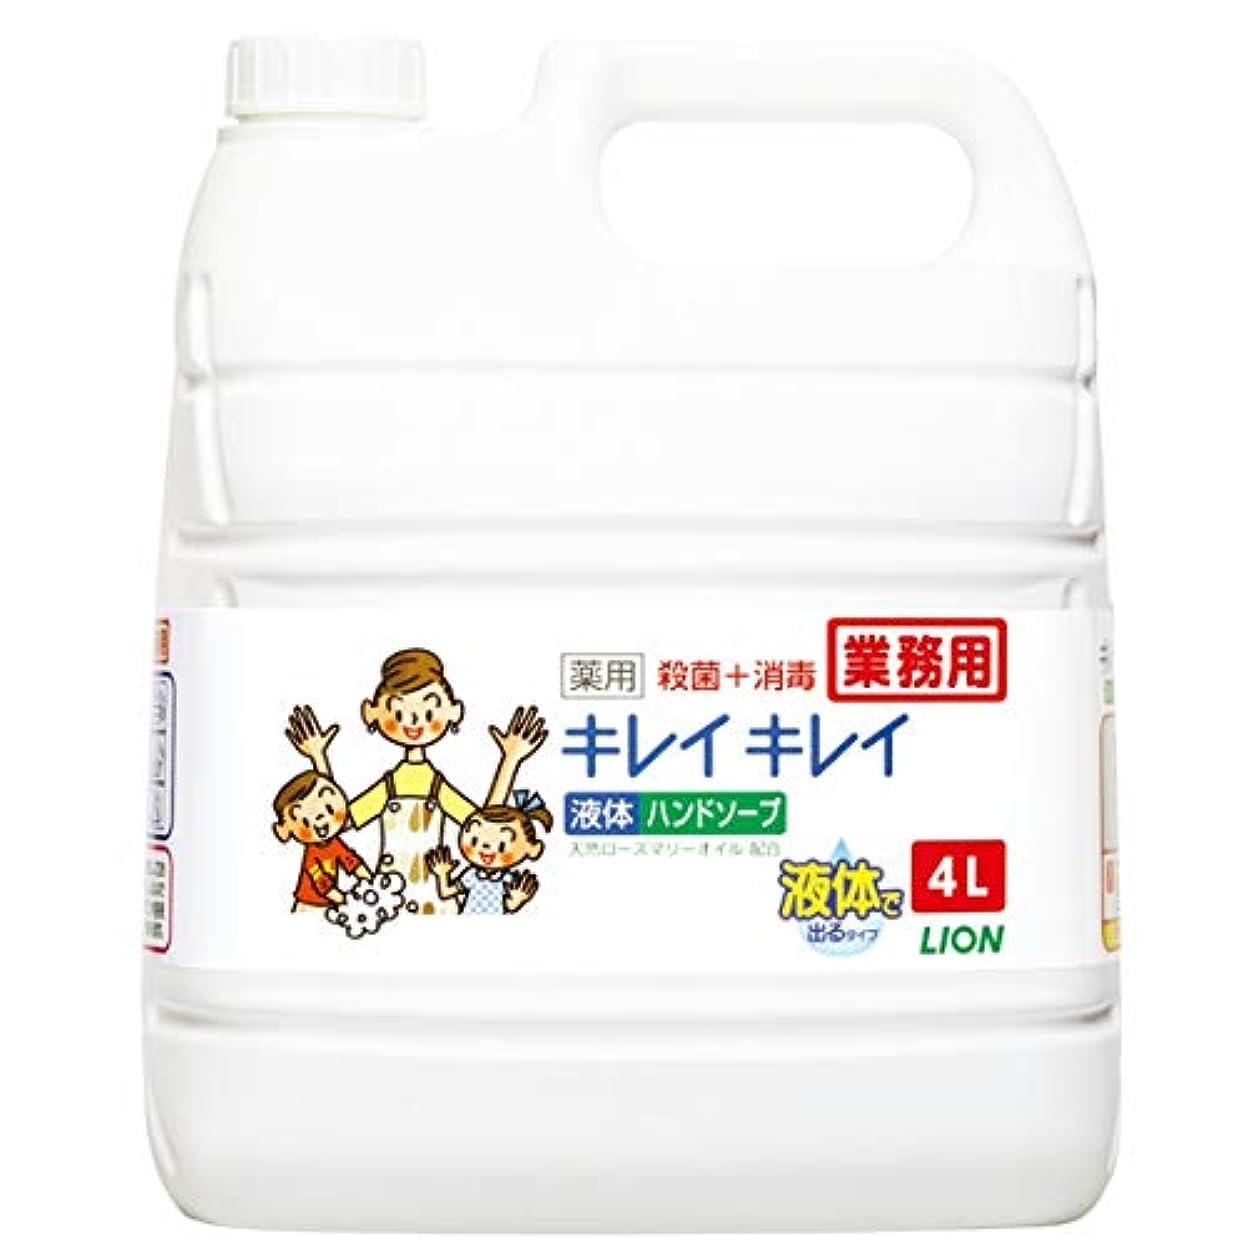 【業務用 大容量】キレイキレイ 薬用 ハンドソープ  4L(医薬部外品)